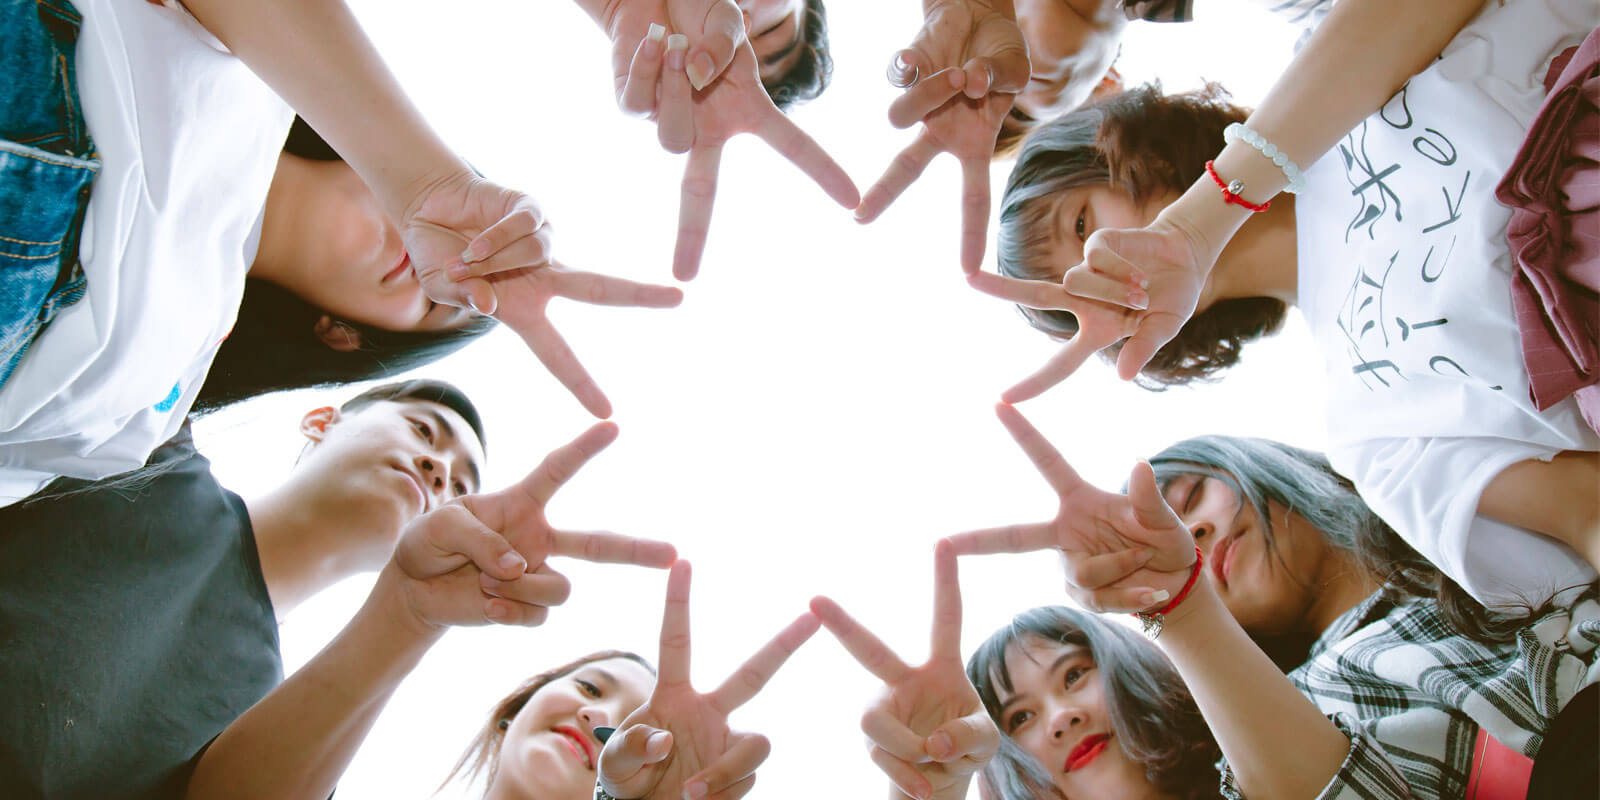 8명의 아이들이 손가락을 모아 별모양을 만든 모습을 아래에서 위로 찍은 사진